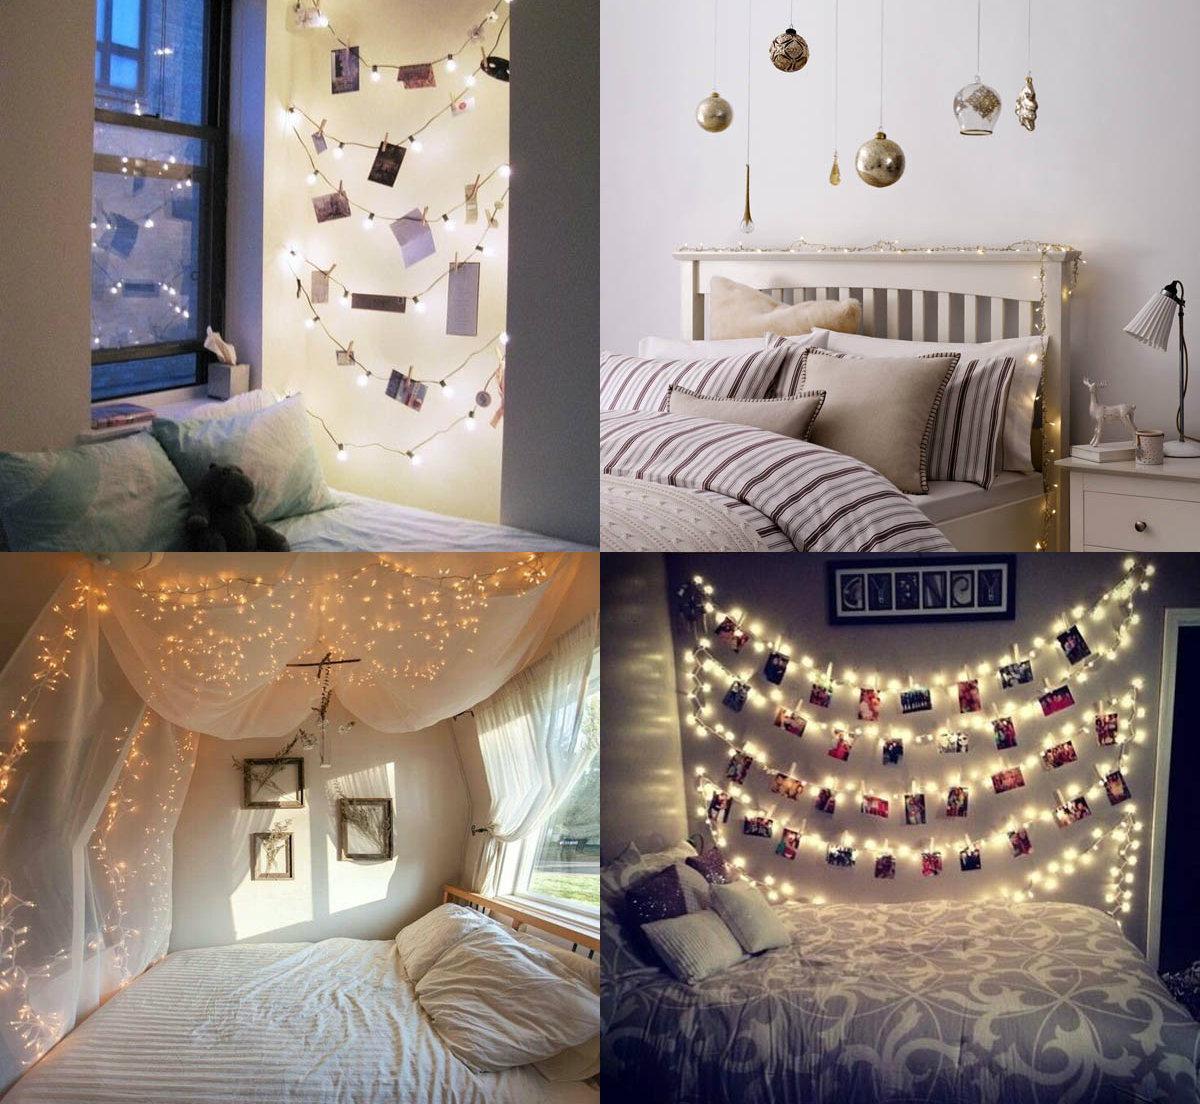 Je slaapkamer versieren voor kerst 25 ideetjes - Kamer decoratie ideeen ...